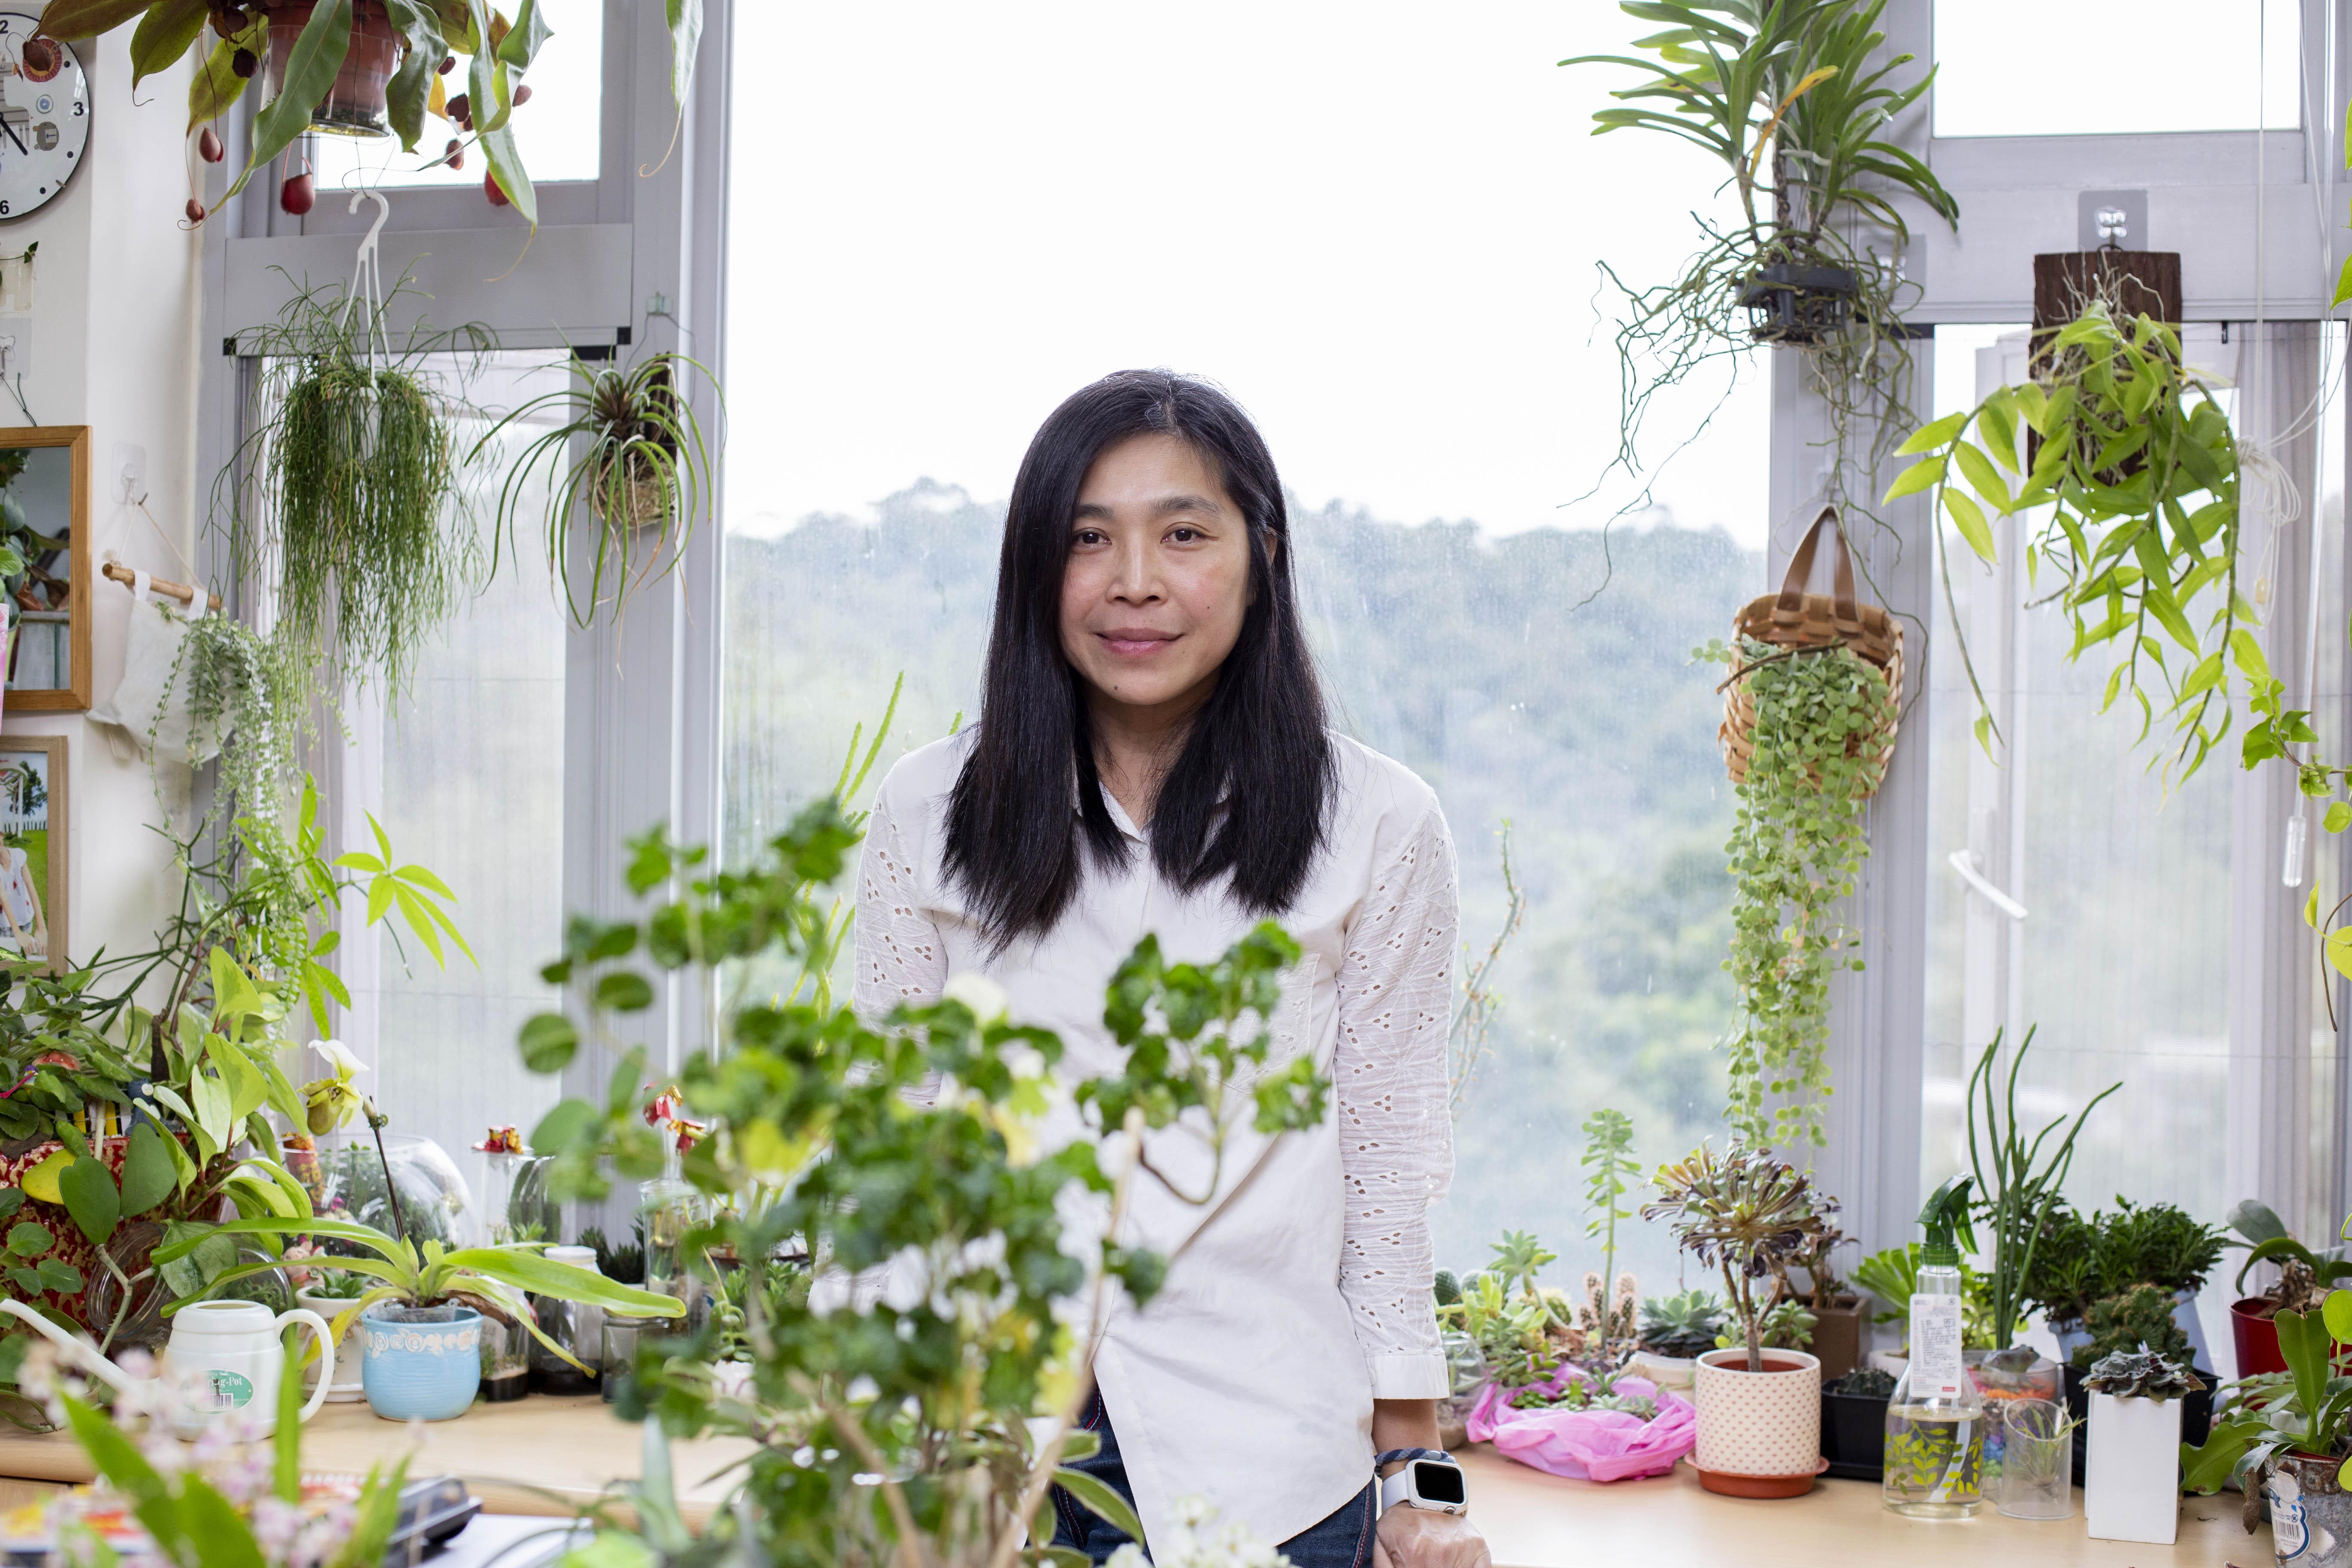 林正慧長年投入臺灣客家史、二二八與白色恐怖研究,從檔案中挖出被隱藏的秘密。相較於學術工作的「鬥智」,走進林正慧的研究室,像踏入一座秘密花園,擺滿她親手栽種的盆栽 ── 點亮「綠手指」,是歷史學者另一項美麗專長。圖│研之有物